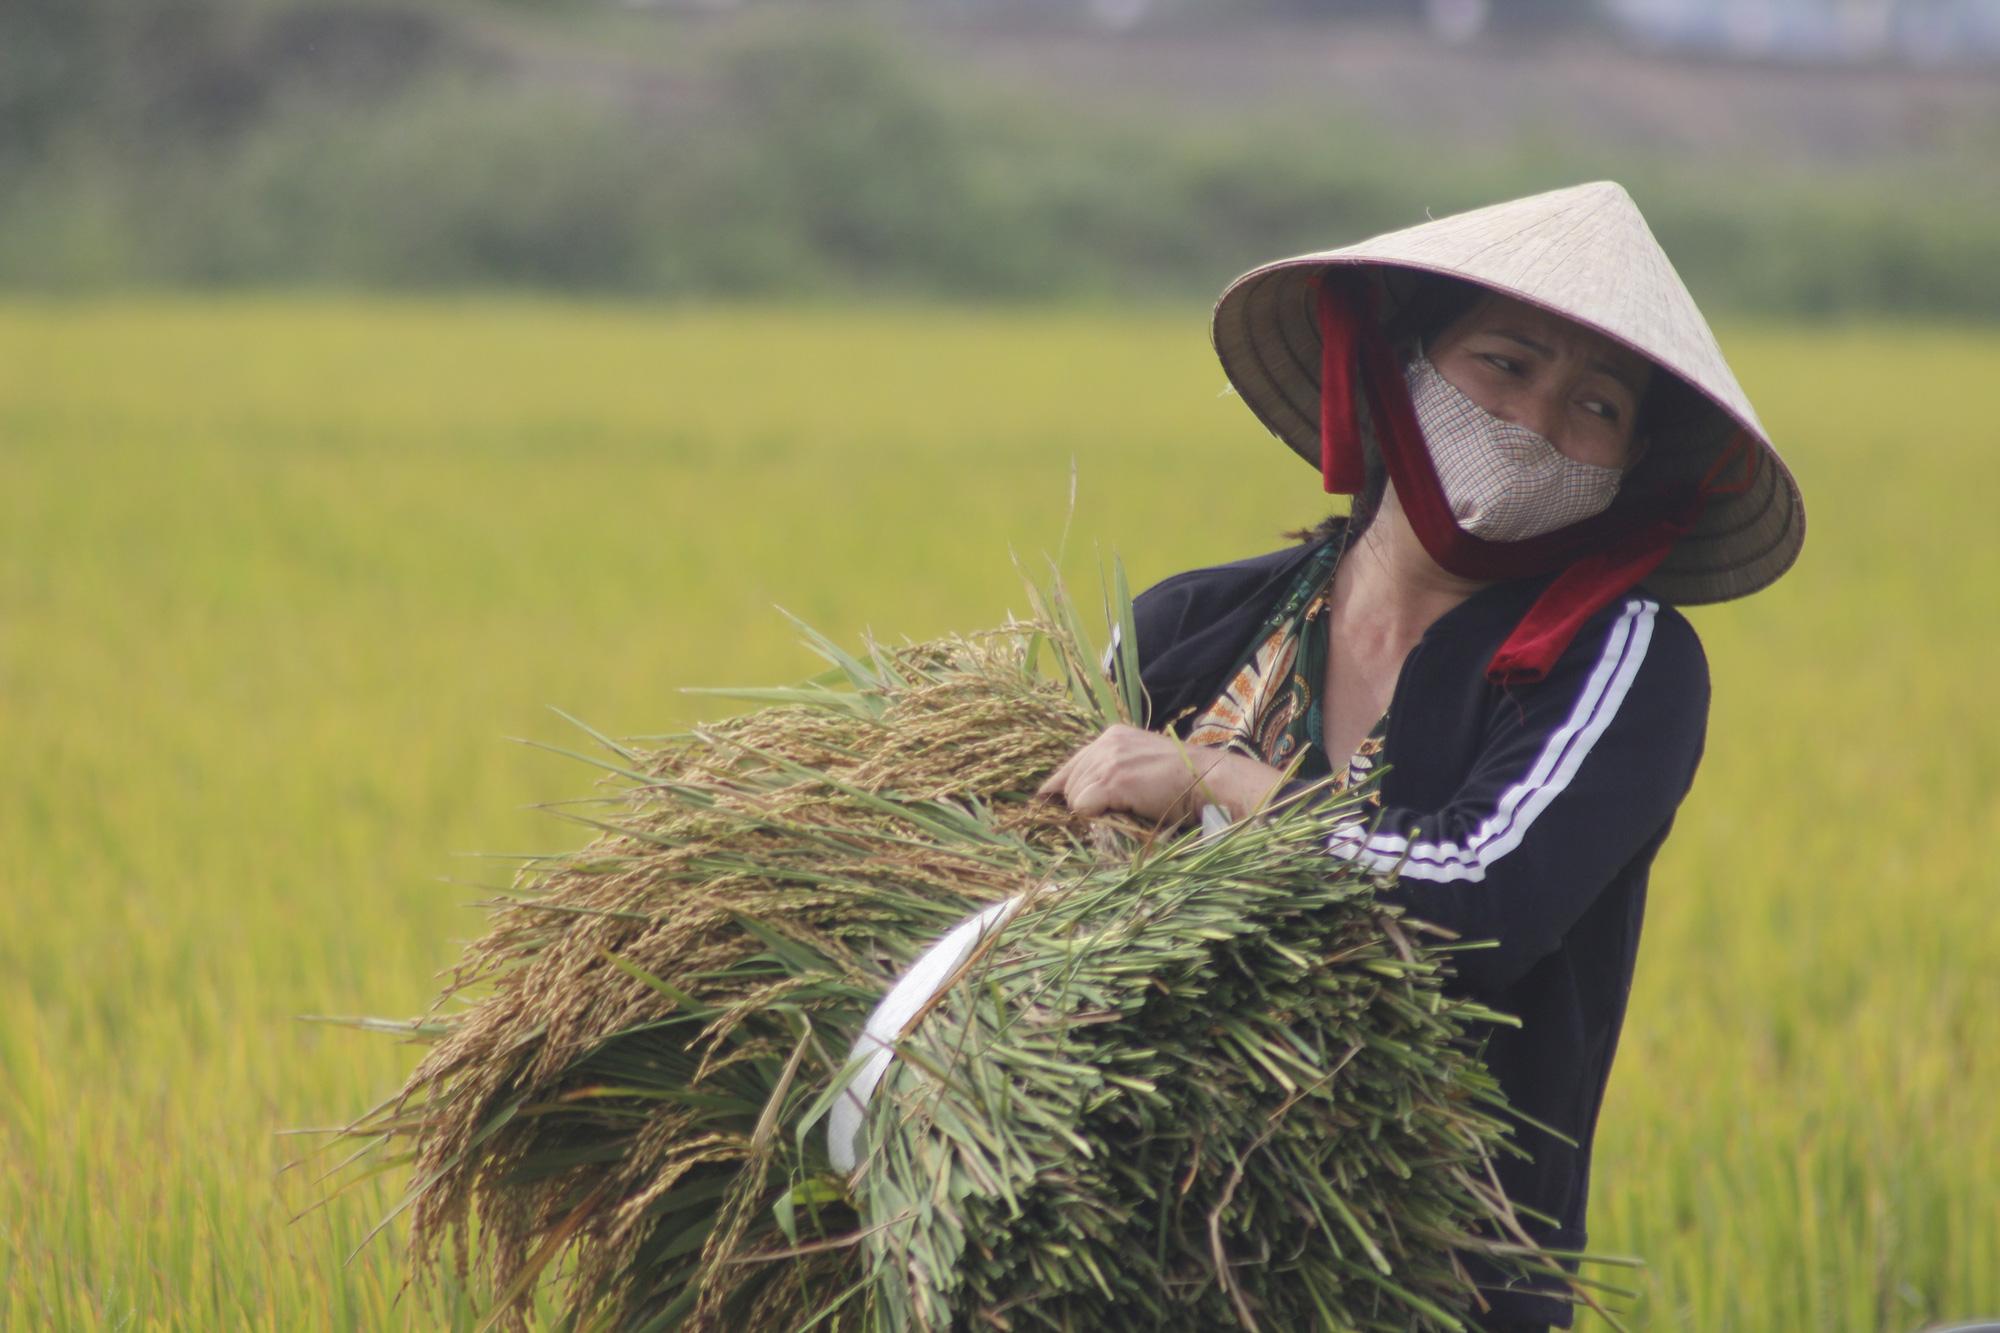 Gạo Việt Nam xuất khẩu 11.000 đồng/kg khiến gạo Thái Lan rớt giá kỉ lục - Ảnh 4.